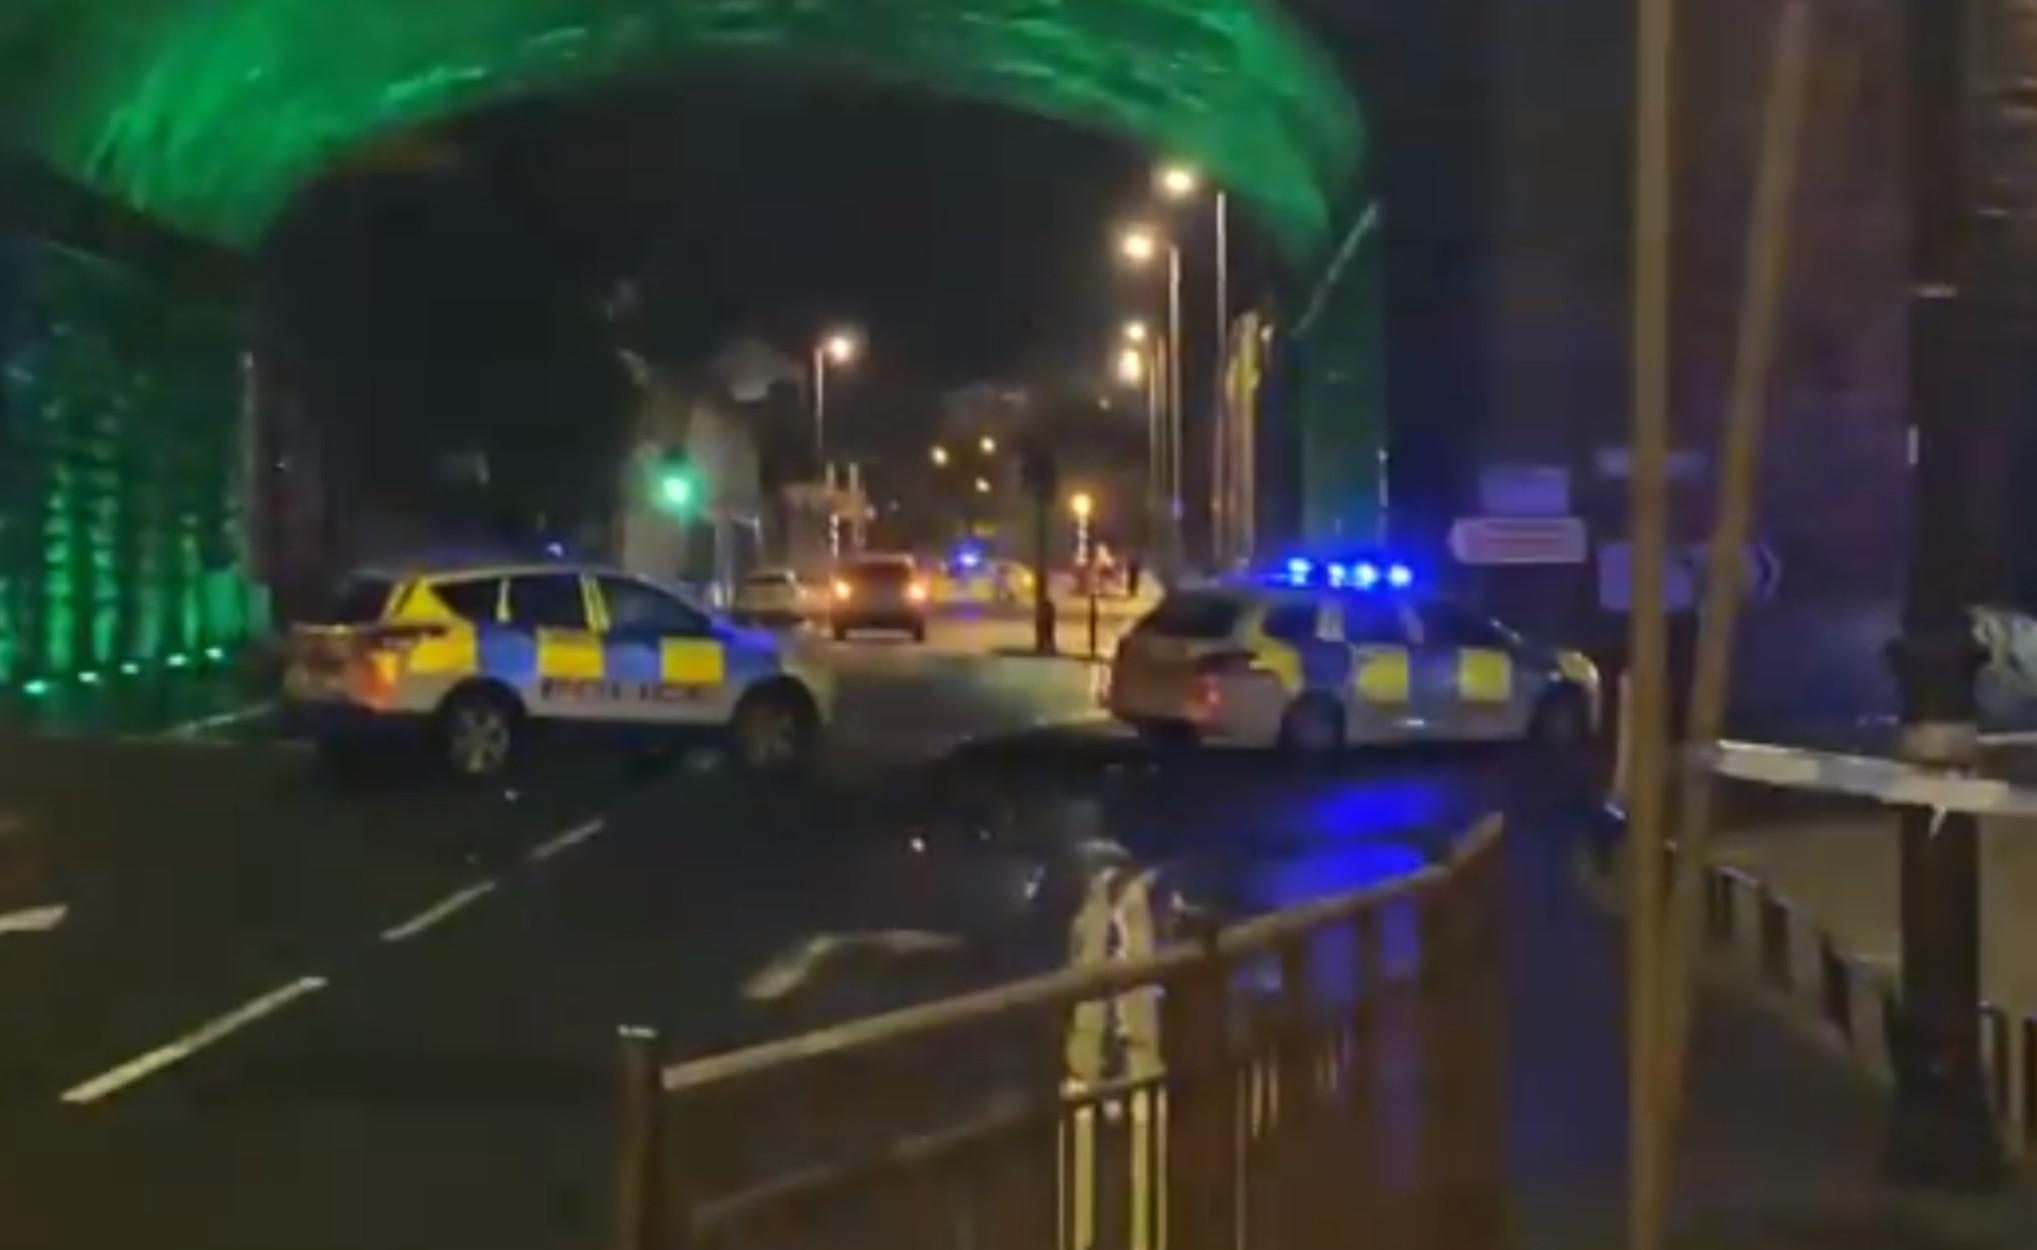 Σκωτία: Οικογενειακή τραγωδία στο Κλίμαρνοκ – Σκότωσε τη γυναίκα του και τη θετή του κόρη (video)